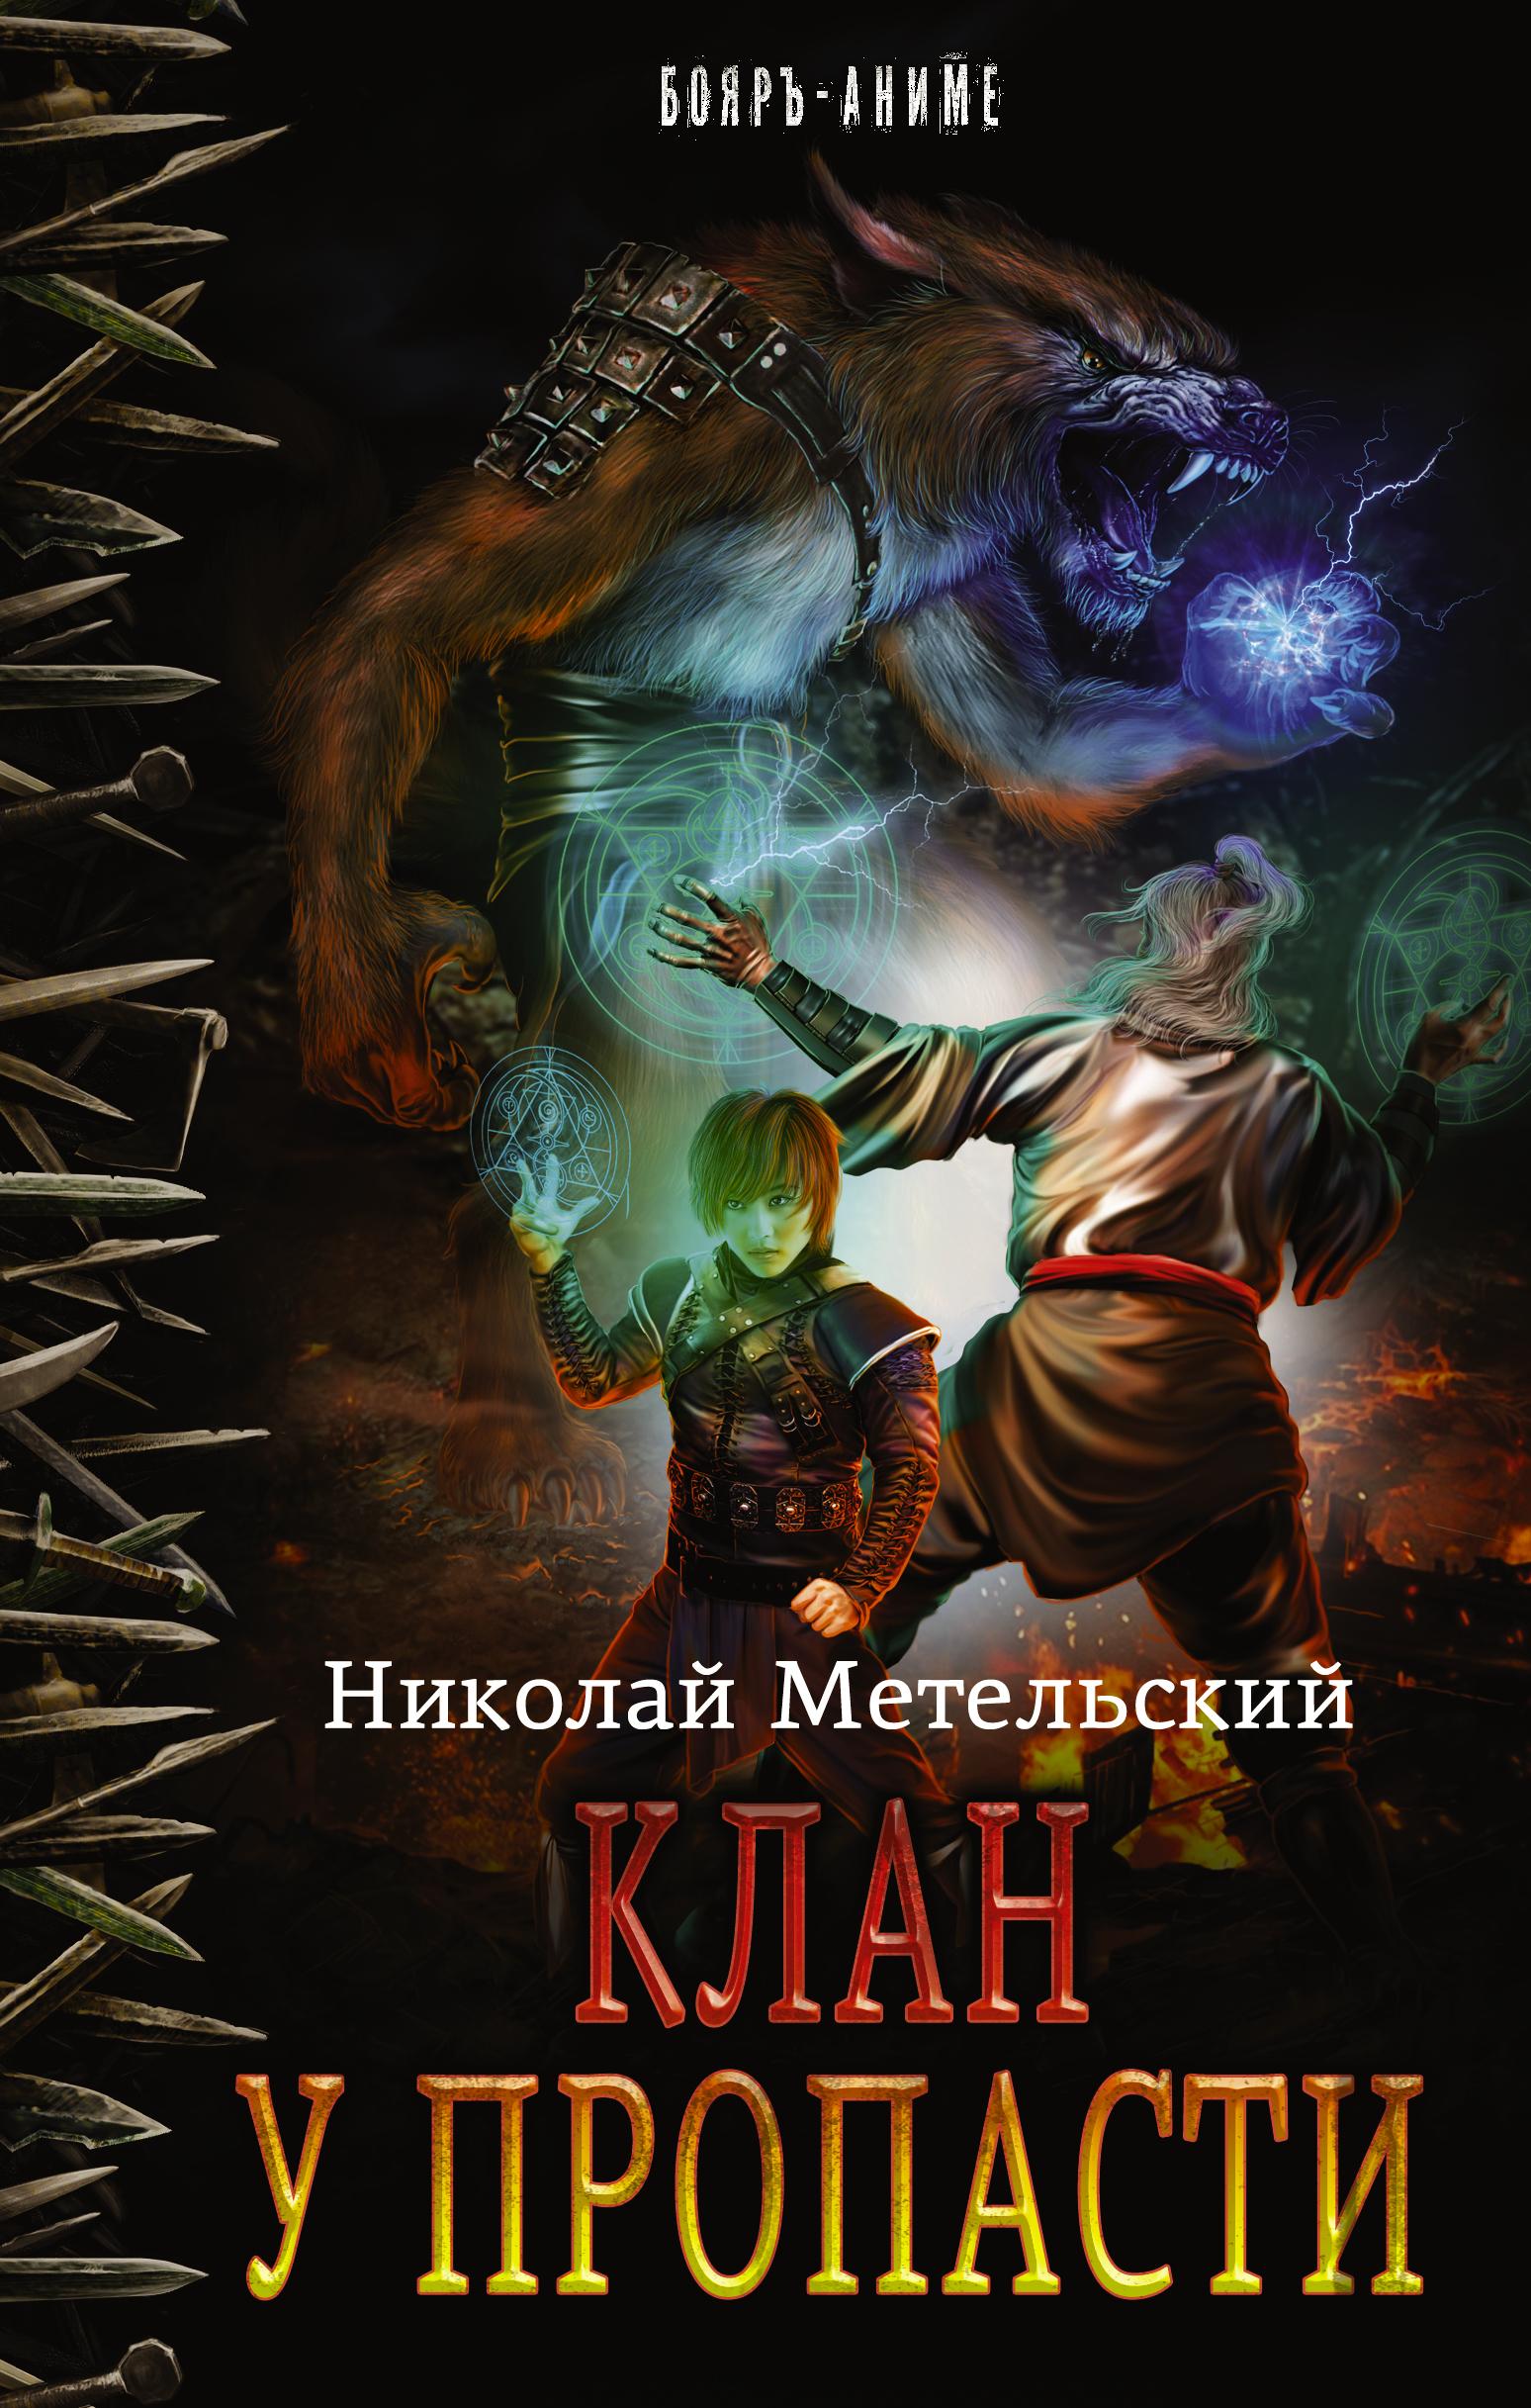 Метельский Николай Александрович Клан у пропасти сергей лапшин последний довод побежденных